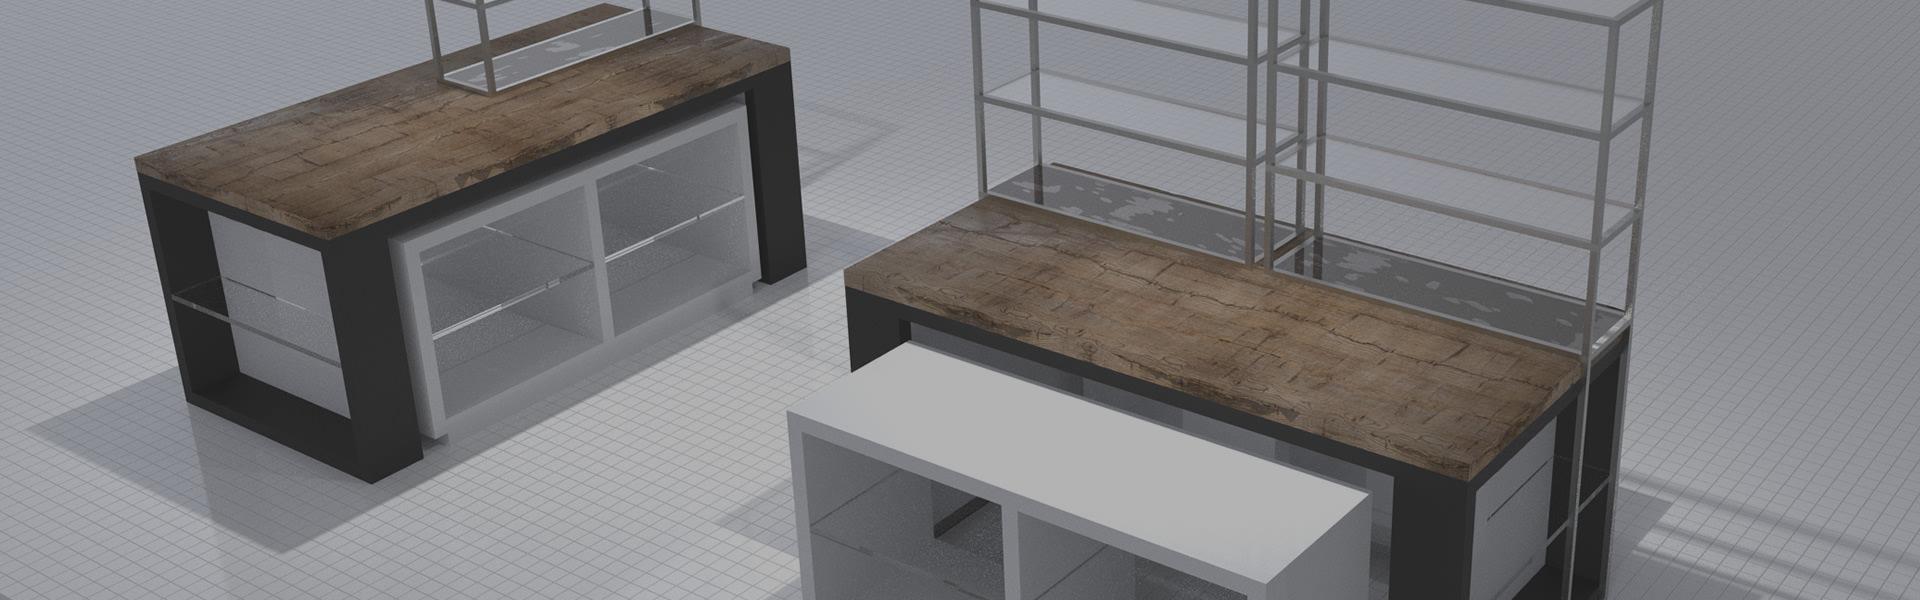 Gewerbe Innenarchitektur | Innenarchitektin Nitschke-Hein Storedesign